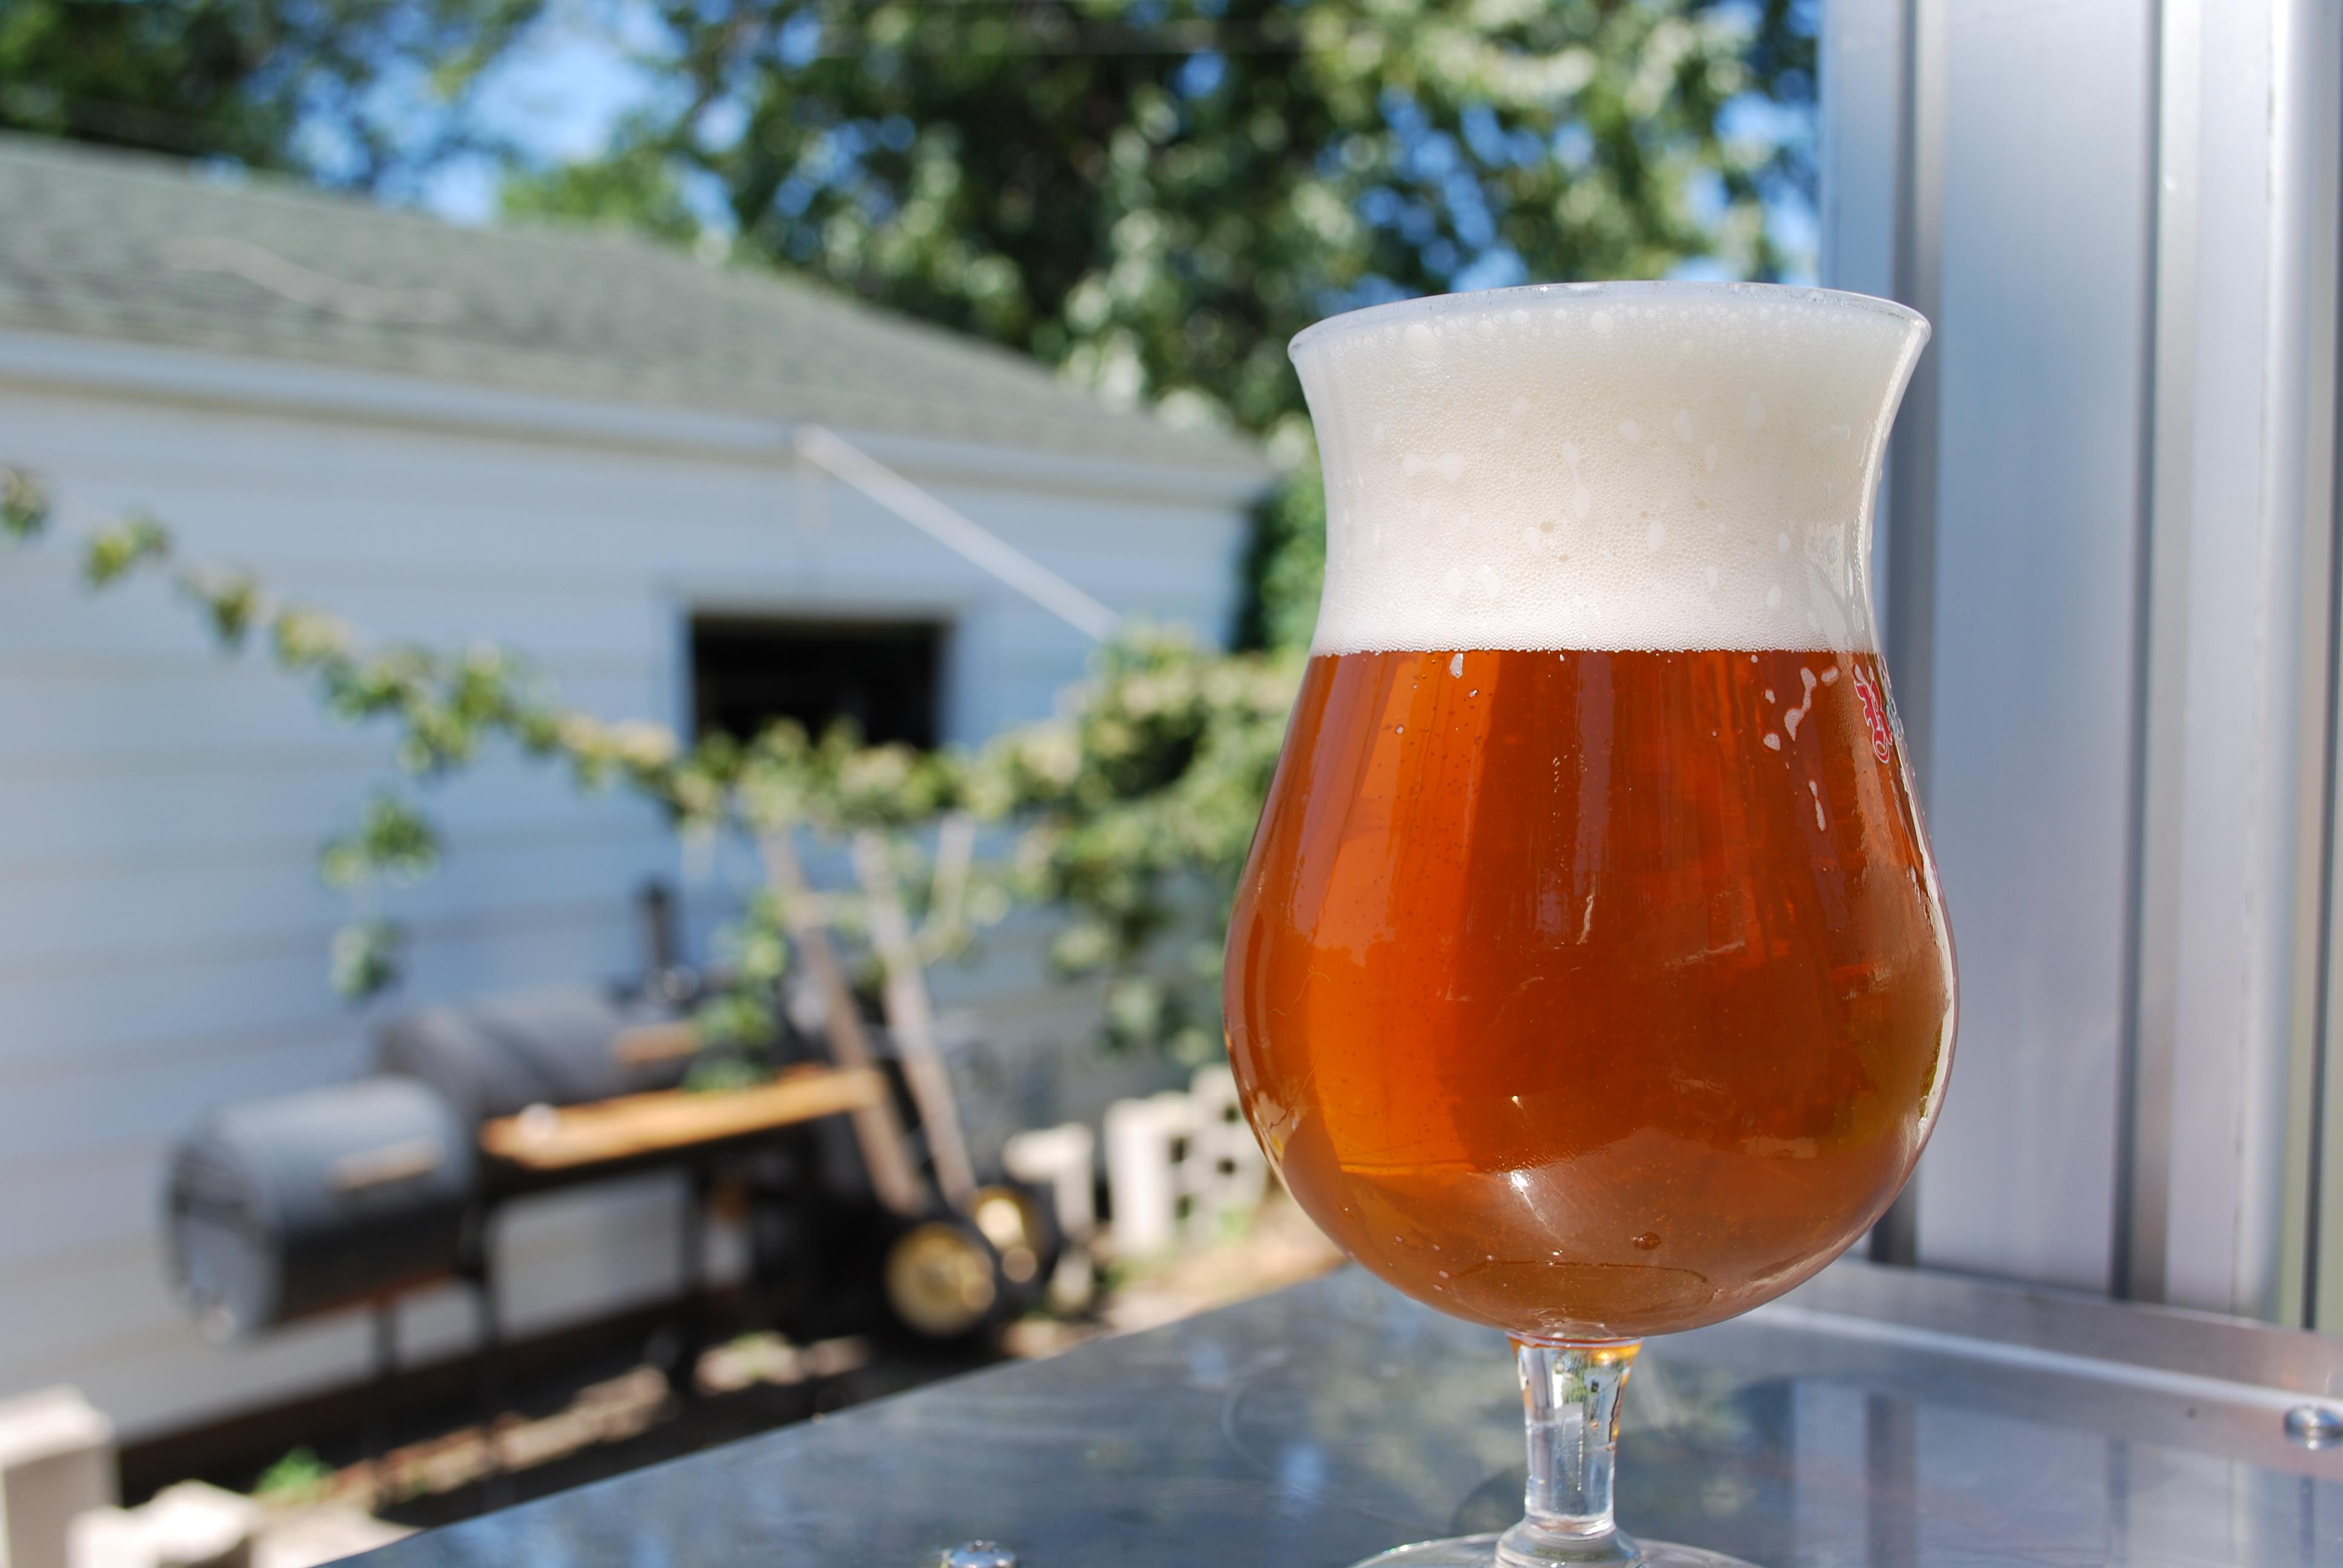 La Bière de Garde: historia y características según el BJCP